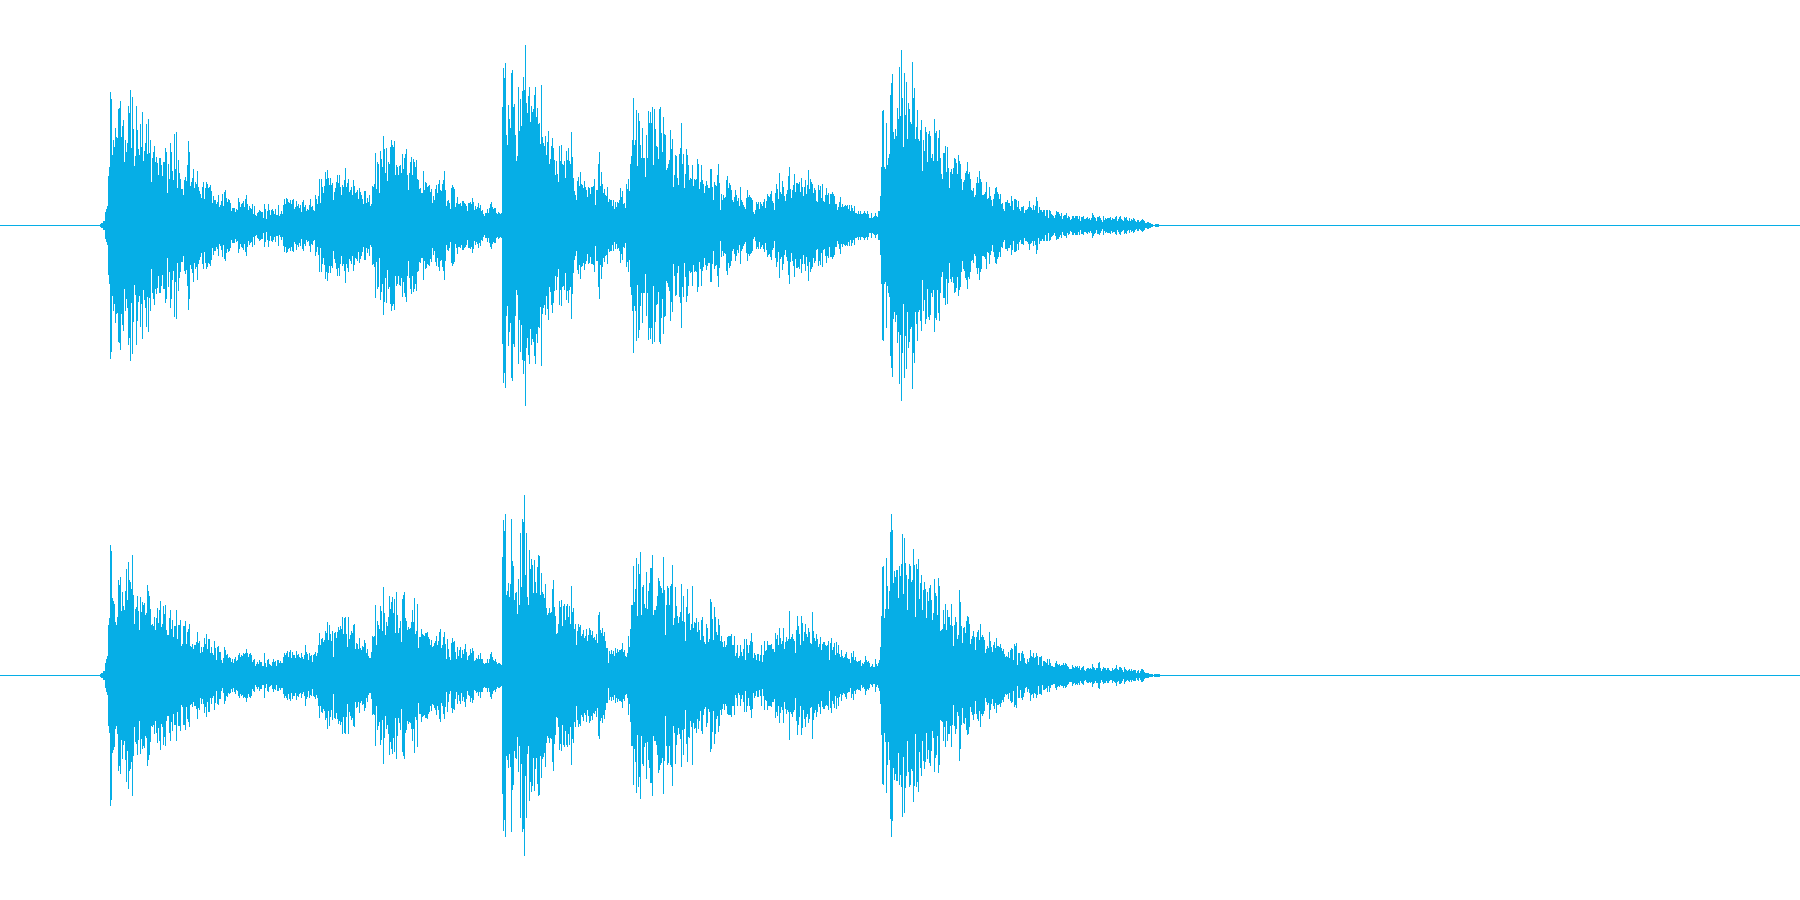 タンスタタン!エフェクトをかけたドラムの再生済みの波形